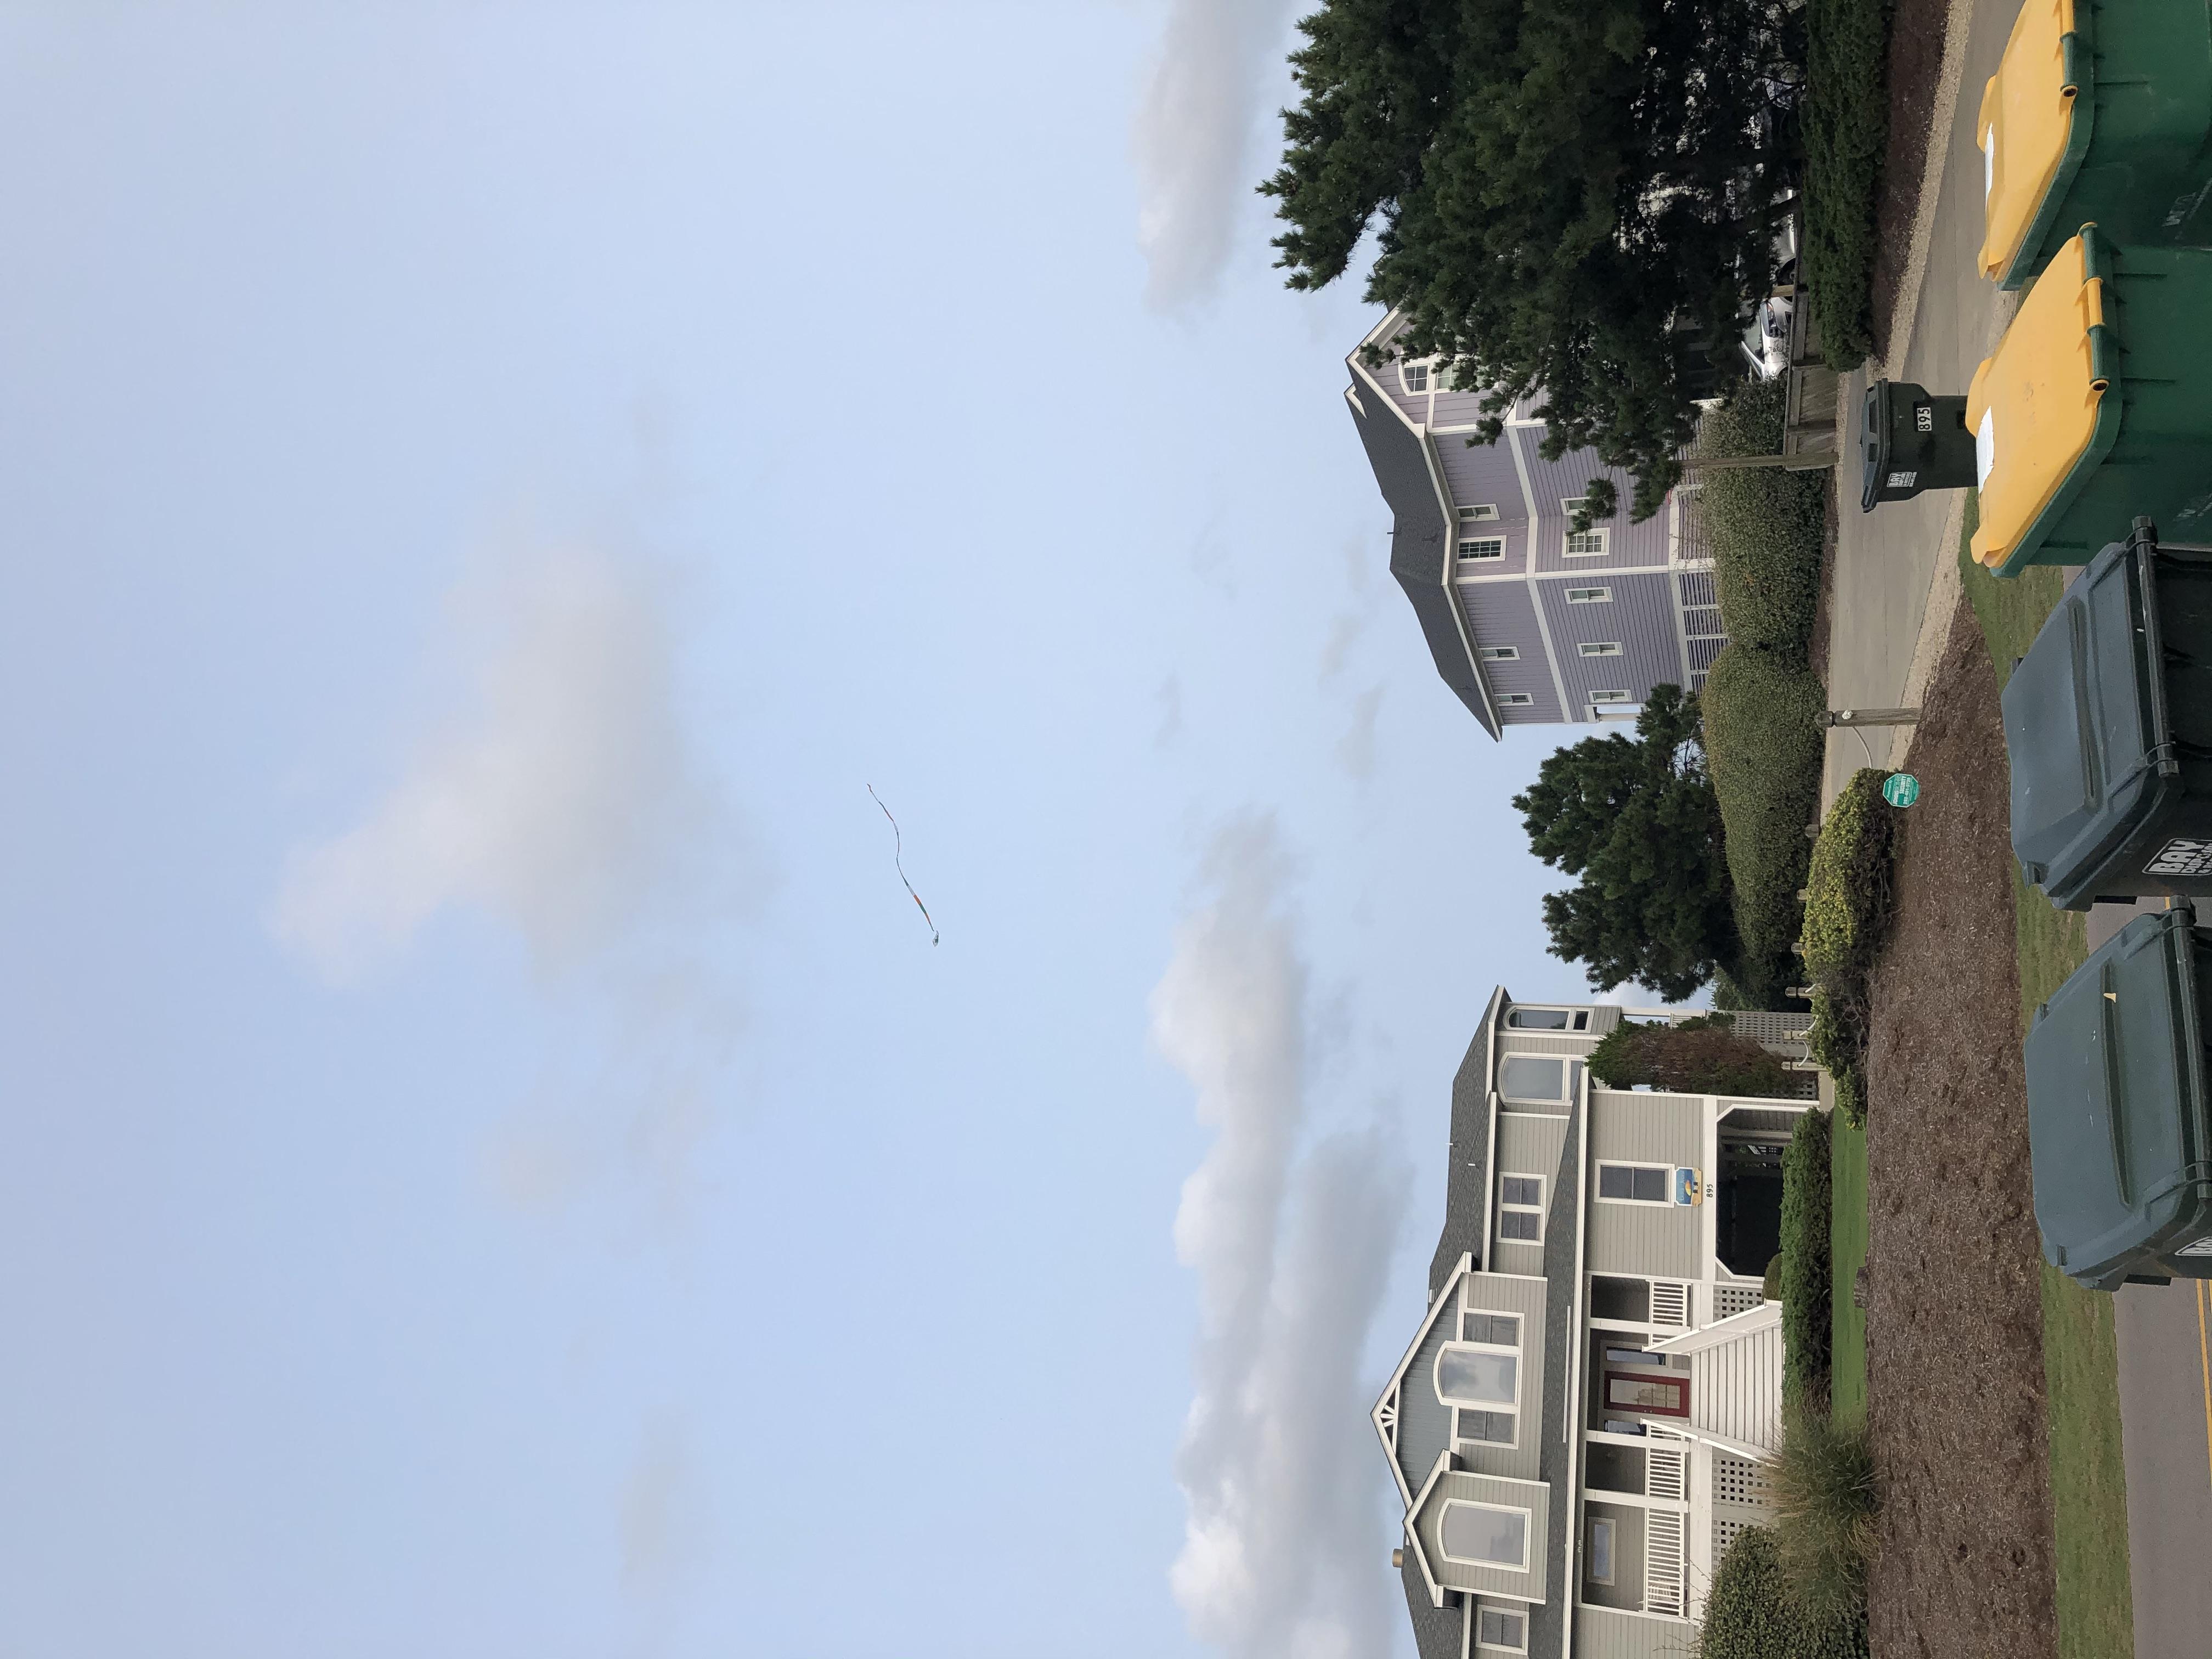 Flyringokite beach2.JPG